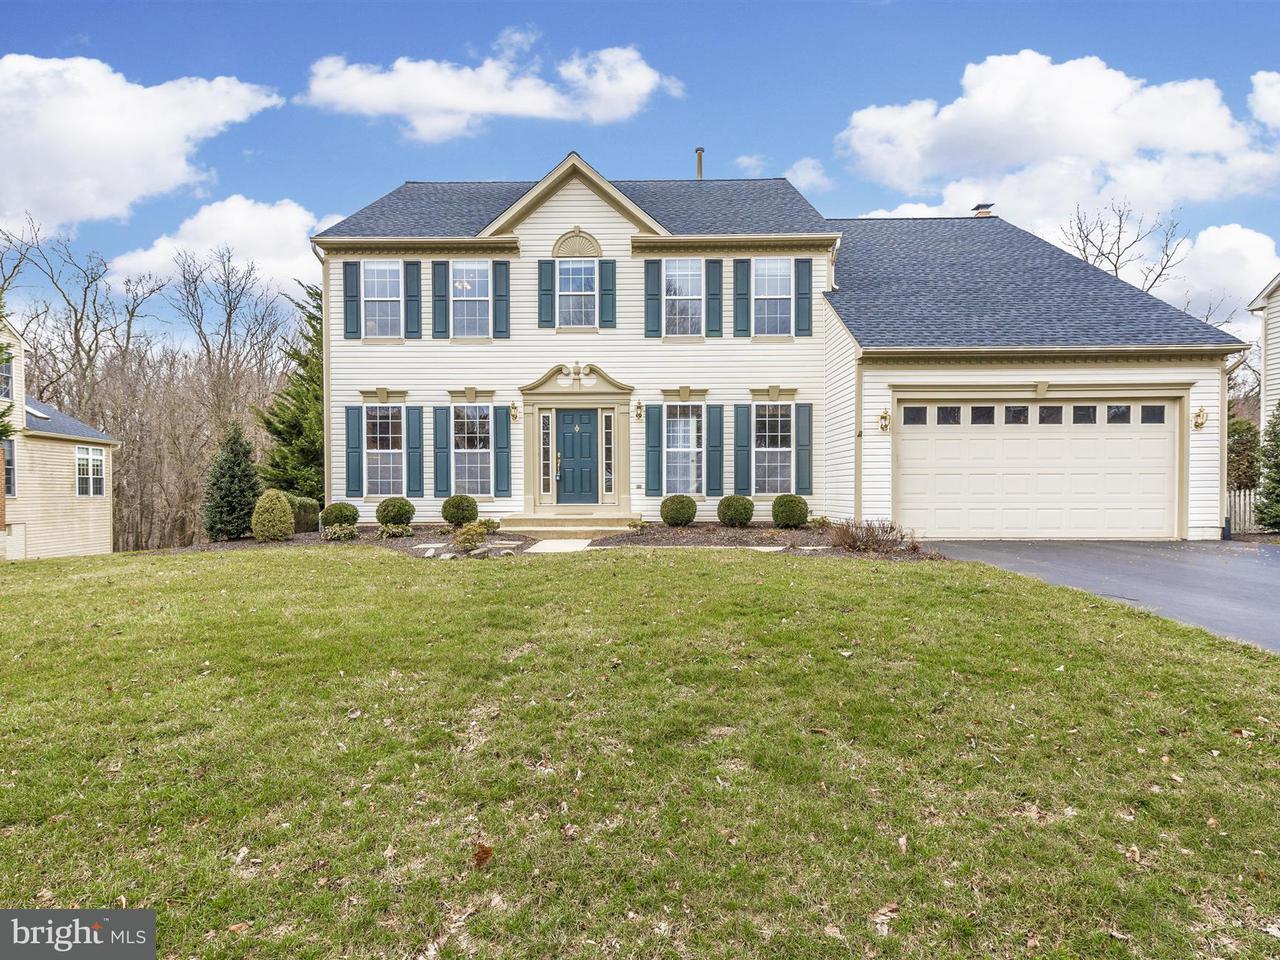 단독 가정 주택 용 매매 에 23612 Cornerstone Lane 23612 Cornerstone Lane Damascus, 메릴랜드 20872 미국